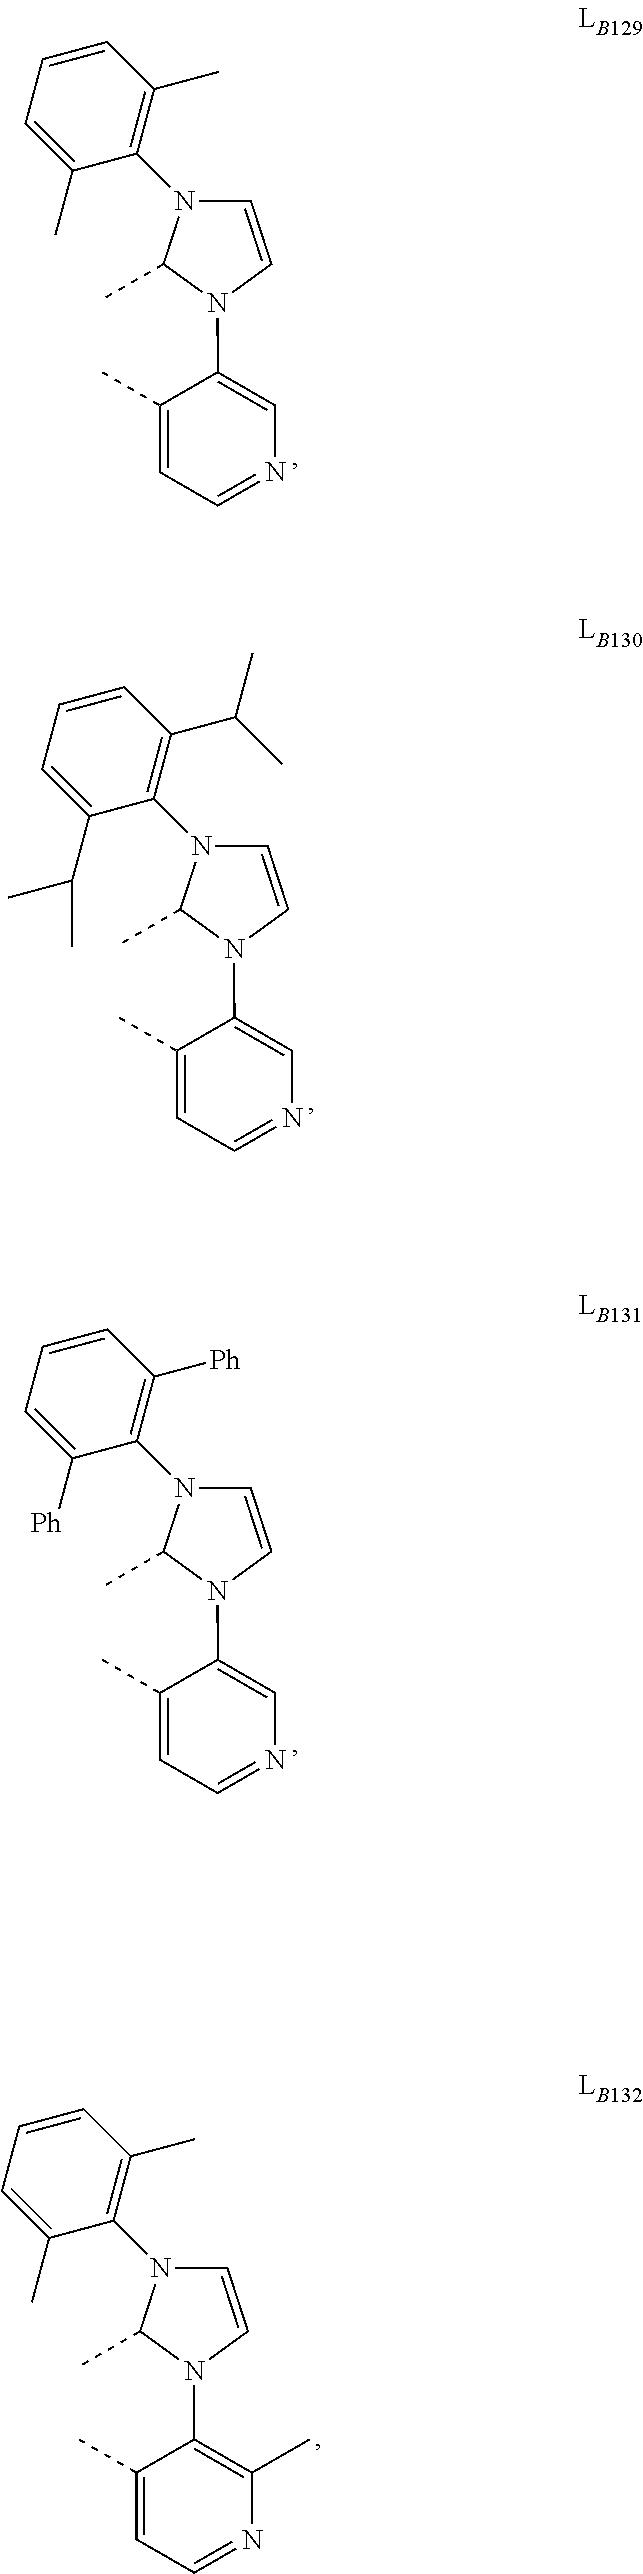 Figure US09905785-20180227-C00132